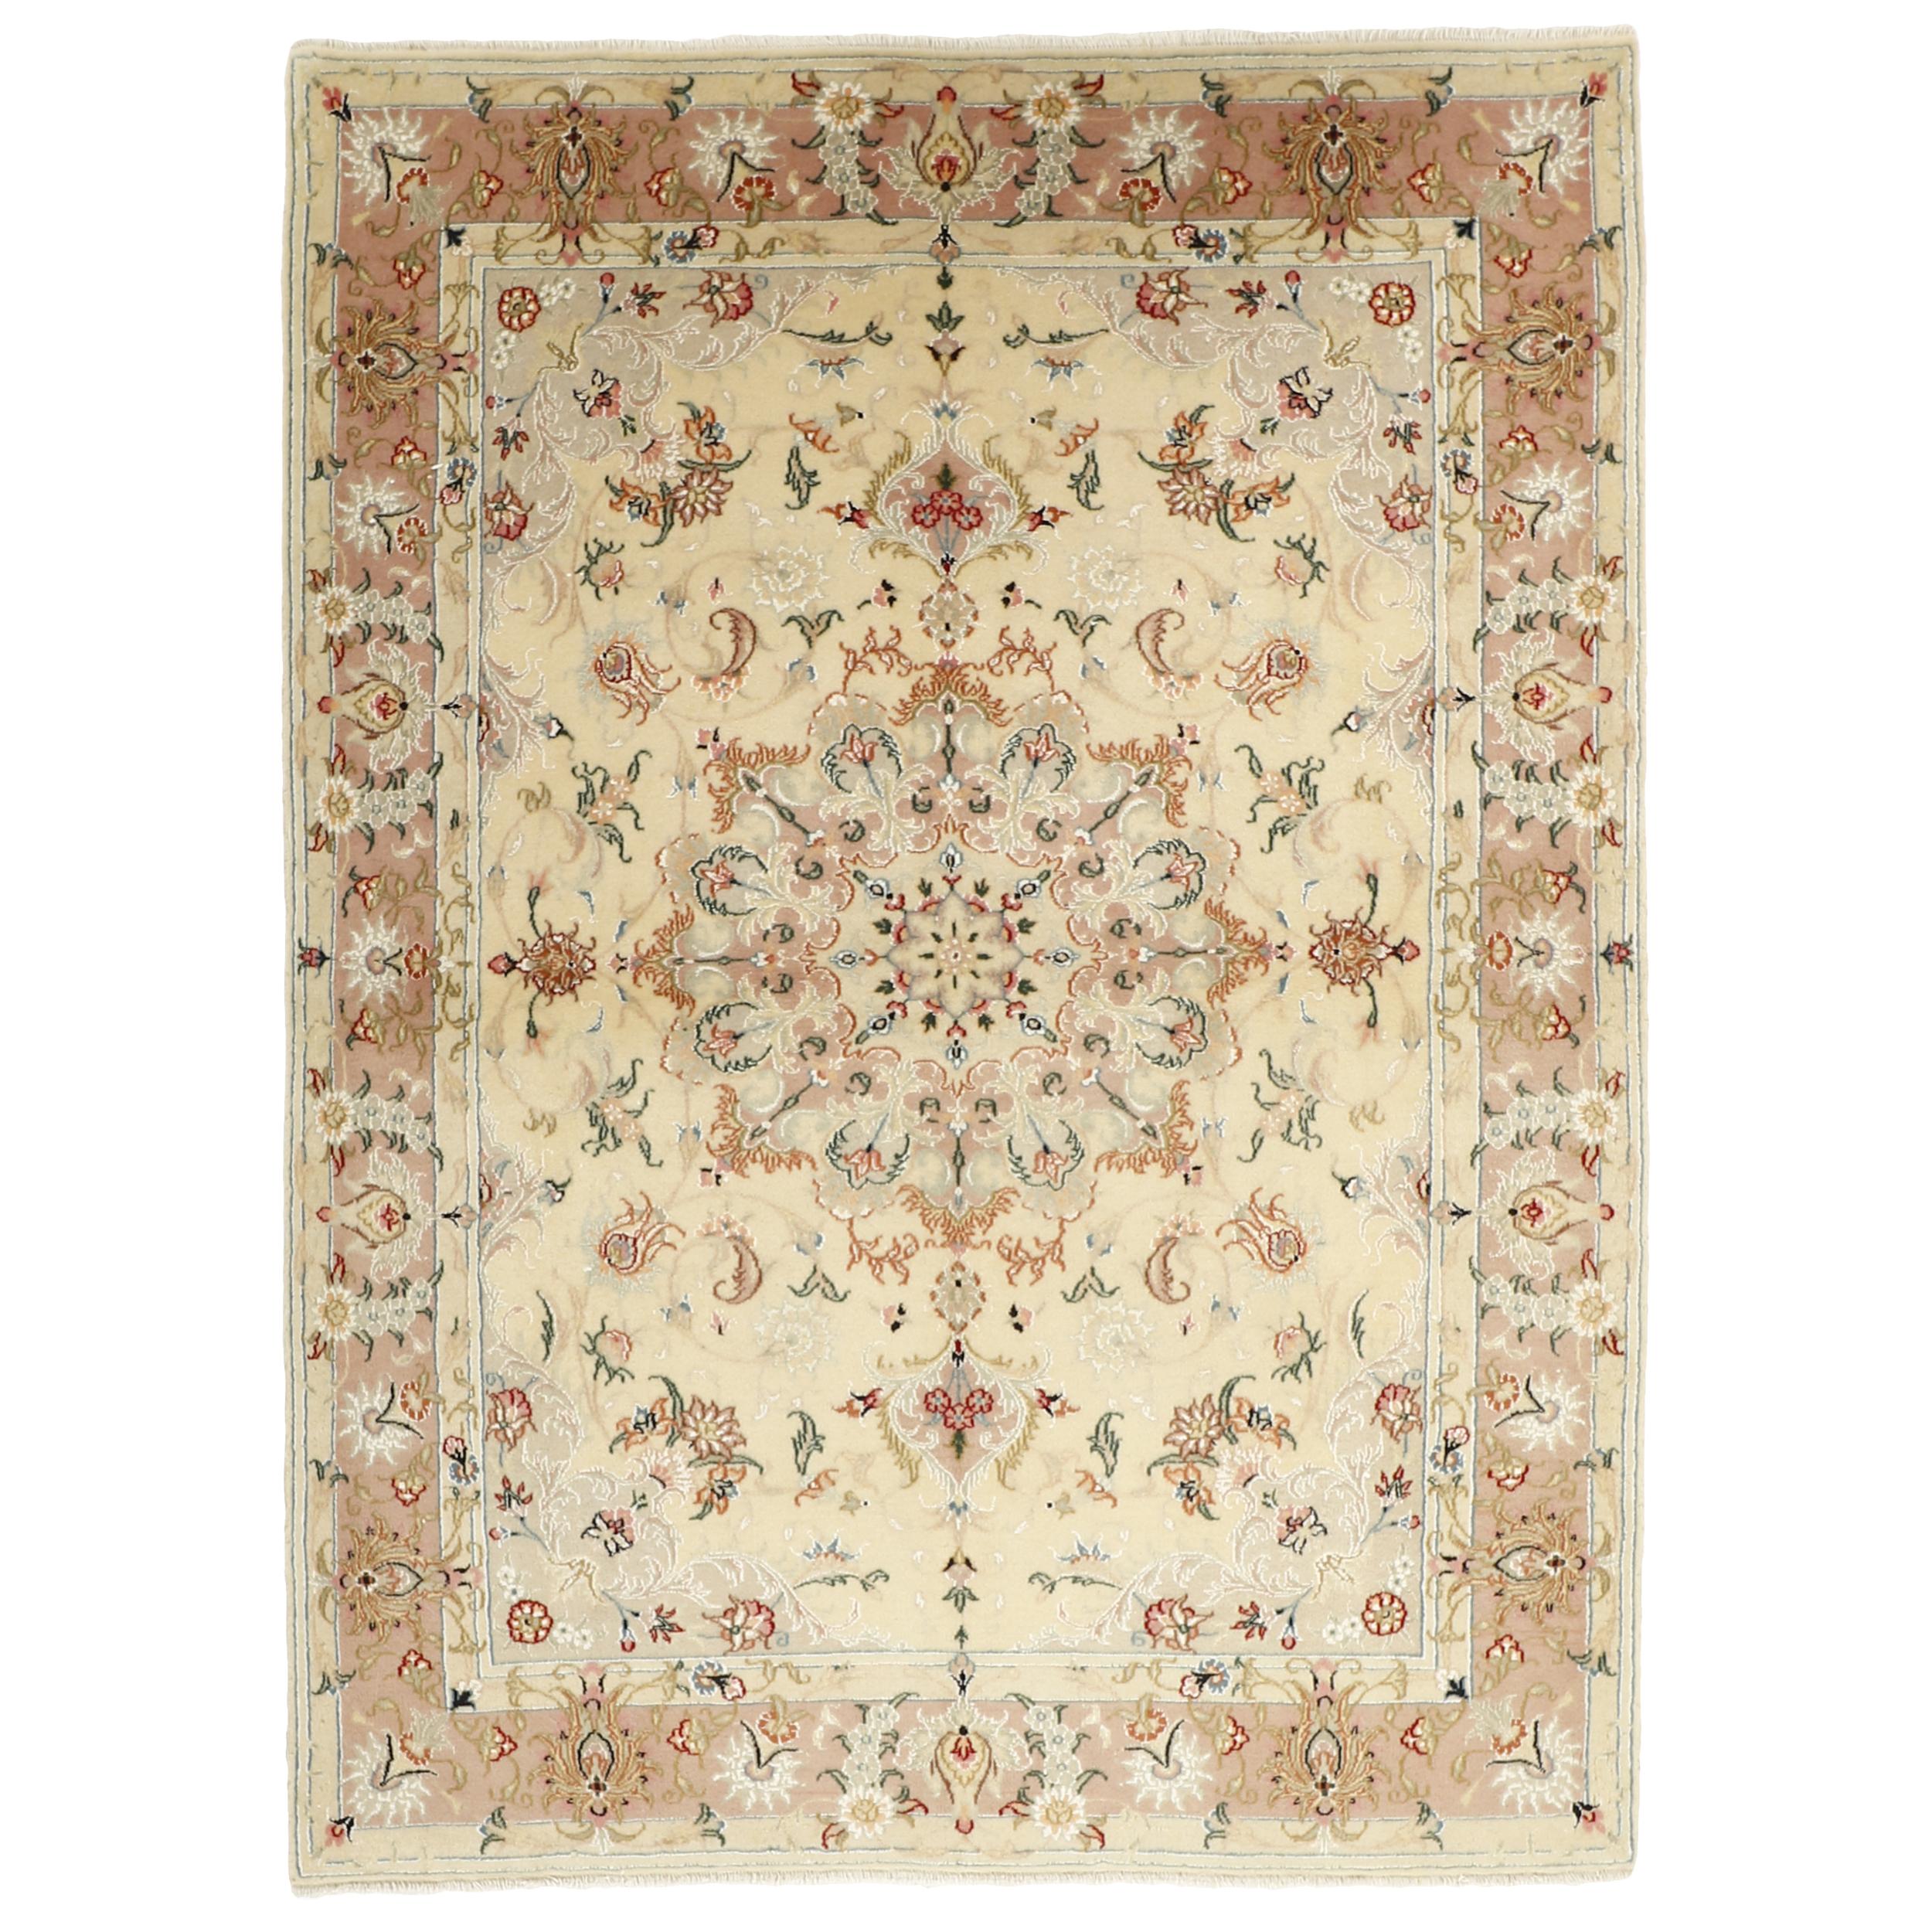 فرش دستبافت سه متری مدل کاشان گل ابریشم کد 503500